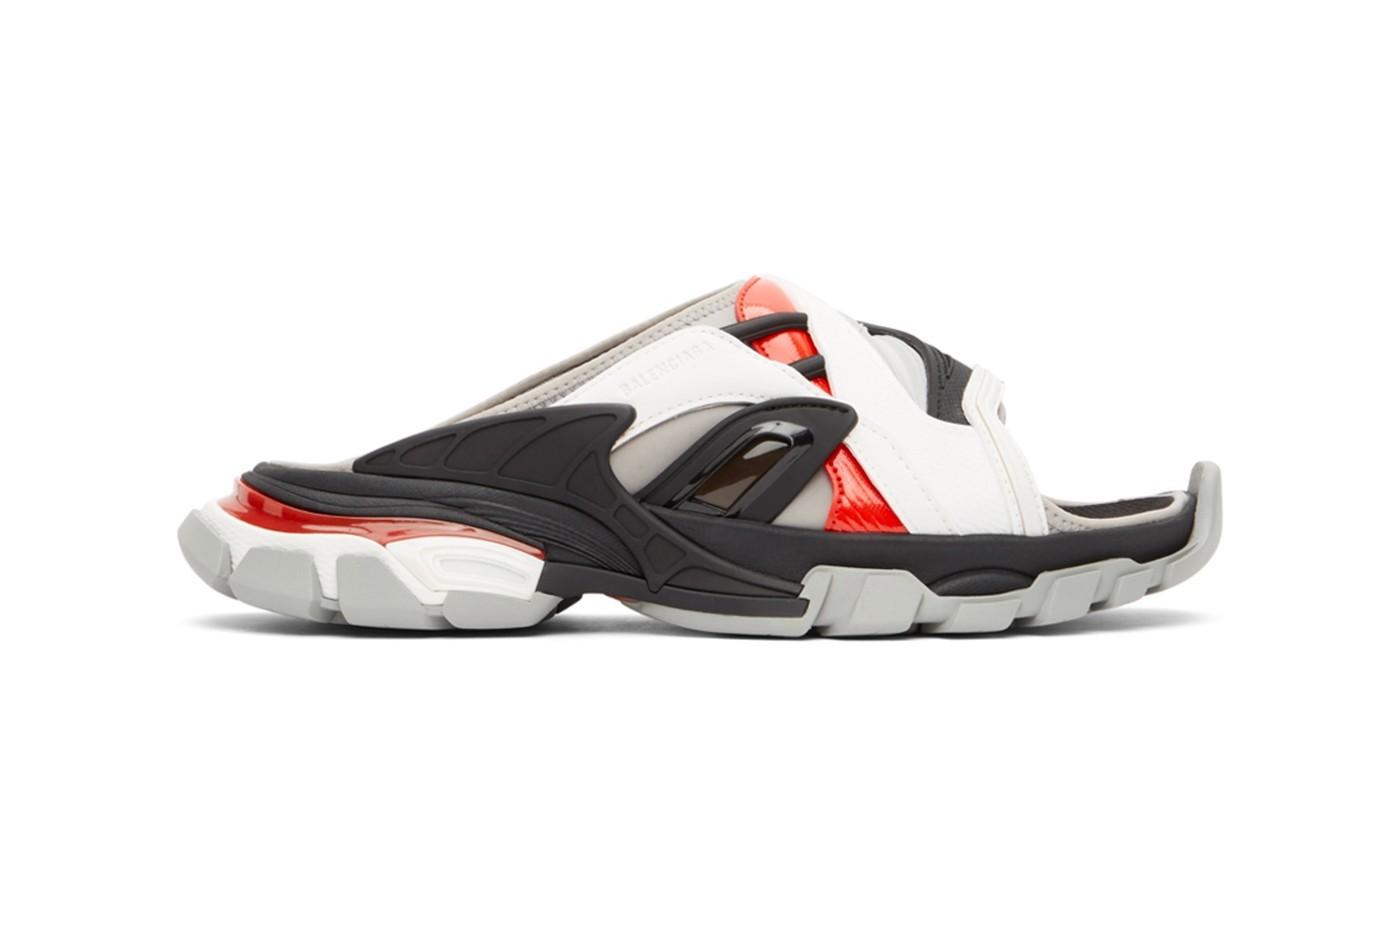 巴黎世家(Balenciaga)推出了Track Sandal凉鞋,选用红色配色